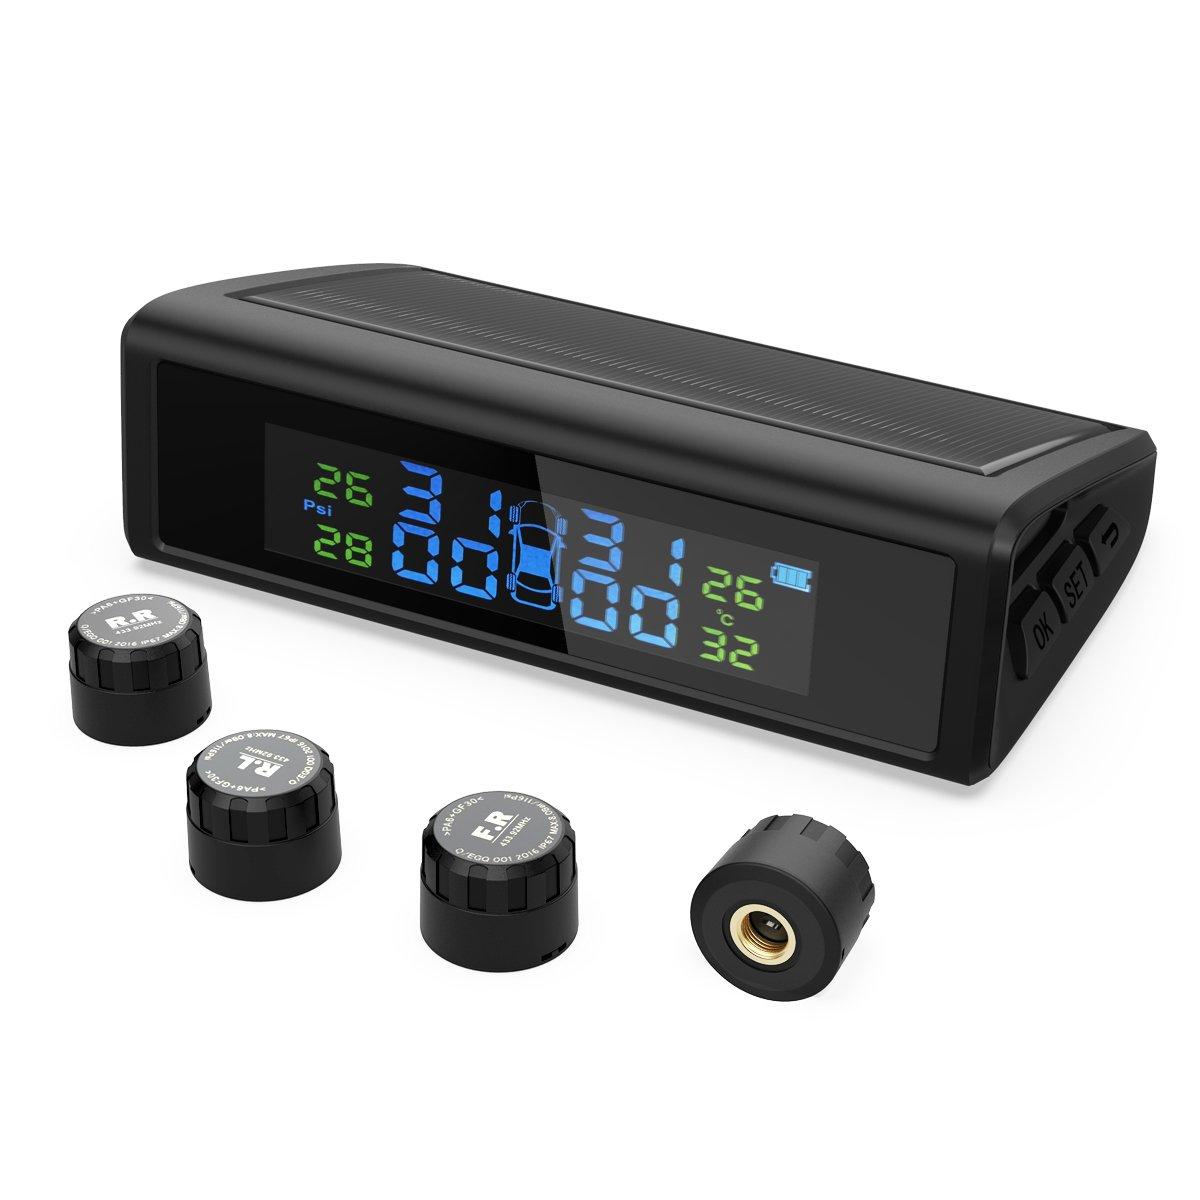 HiGoing Reifendruckkontrollsystem, Reifendruckmesser fü r Auto, Wohnmobil, KFZ usw, Solar Reifendruckkontrolle mit 4 Sensoren, LCD-Display zeigt genaue Reifendruck- und Temperatur